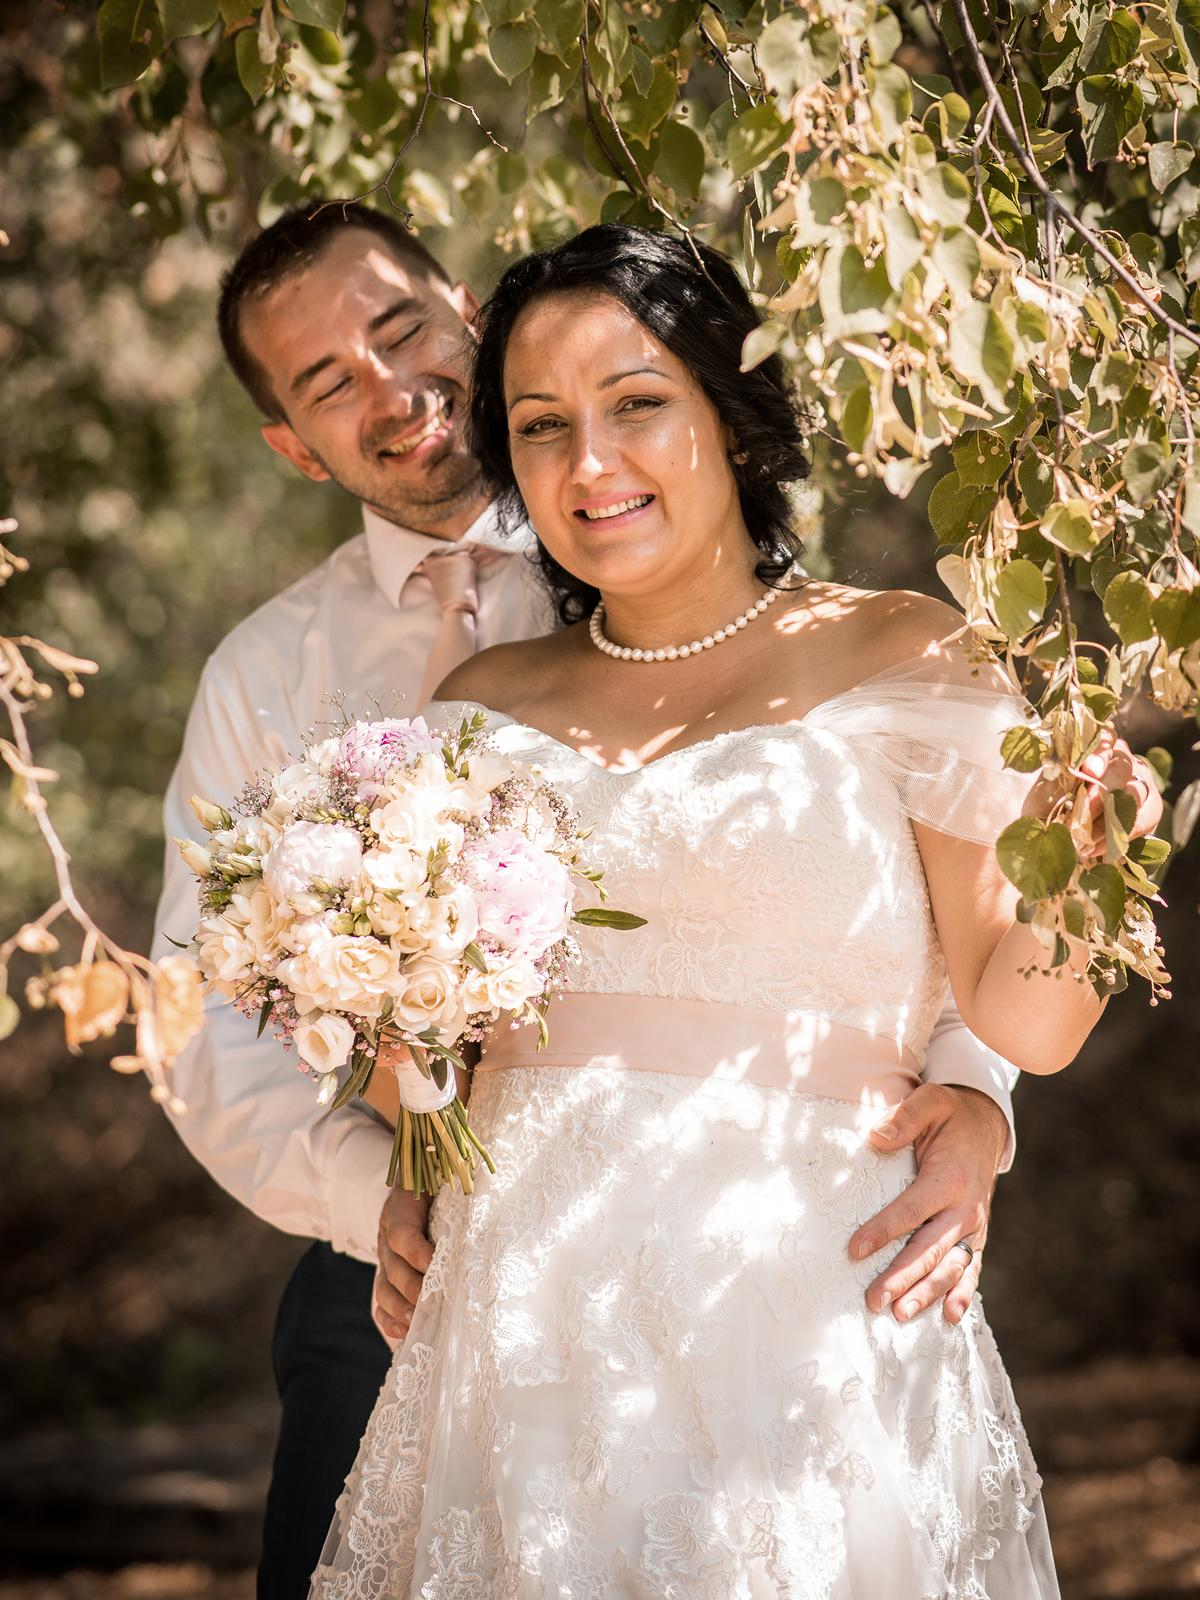 Svadba v Modřicích ♥ 4.8.2018 ♥ - Obrázok č. 3